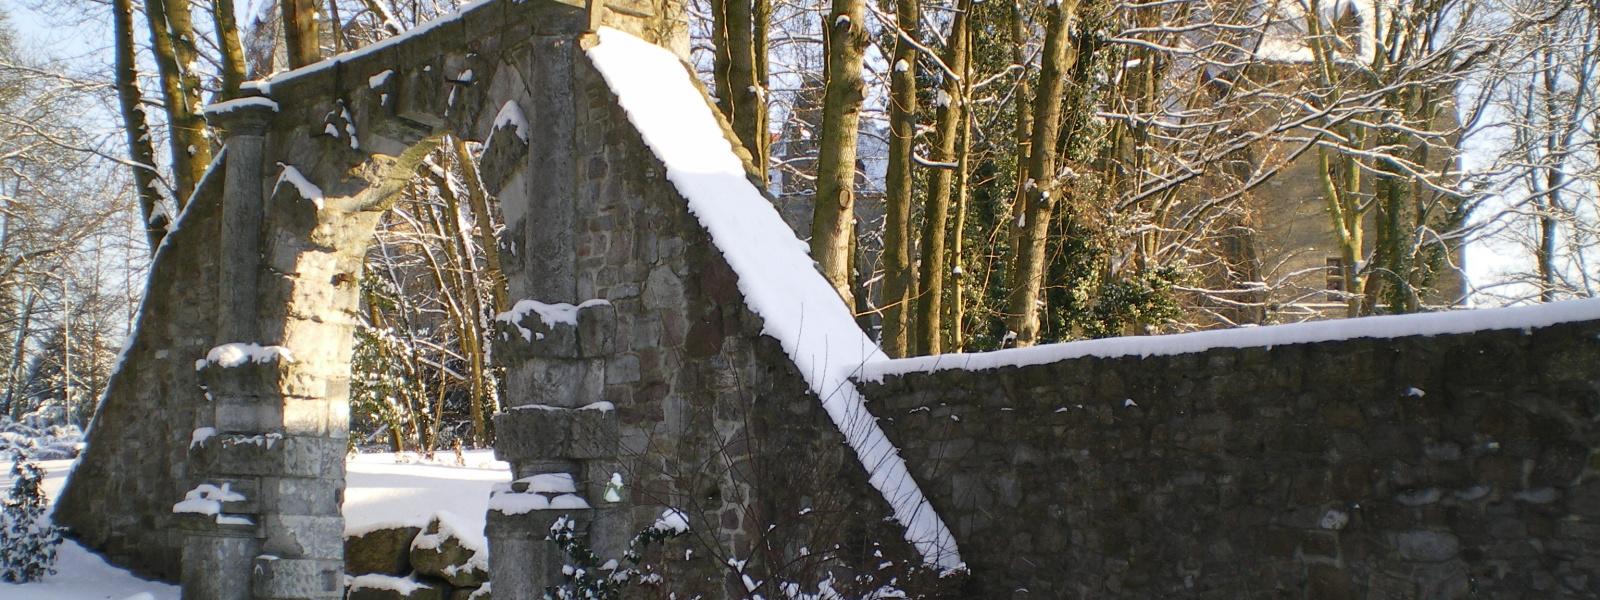 Commune de Ham-sur-Heure-Nalinnes | Chateau Ham-sur-Heure hiver 1